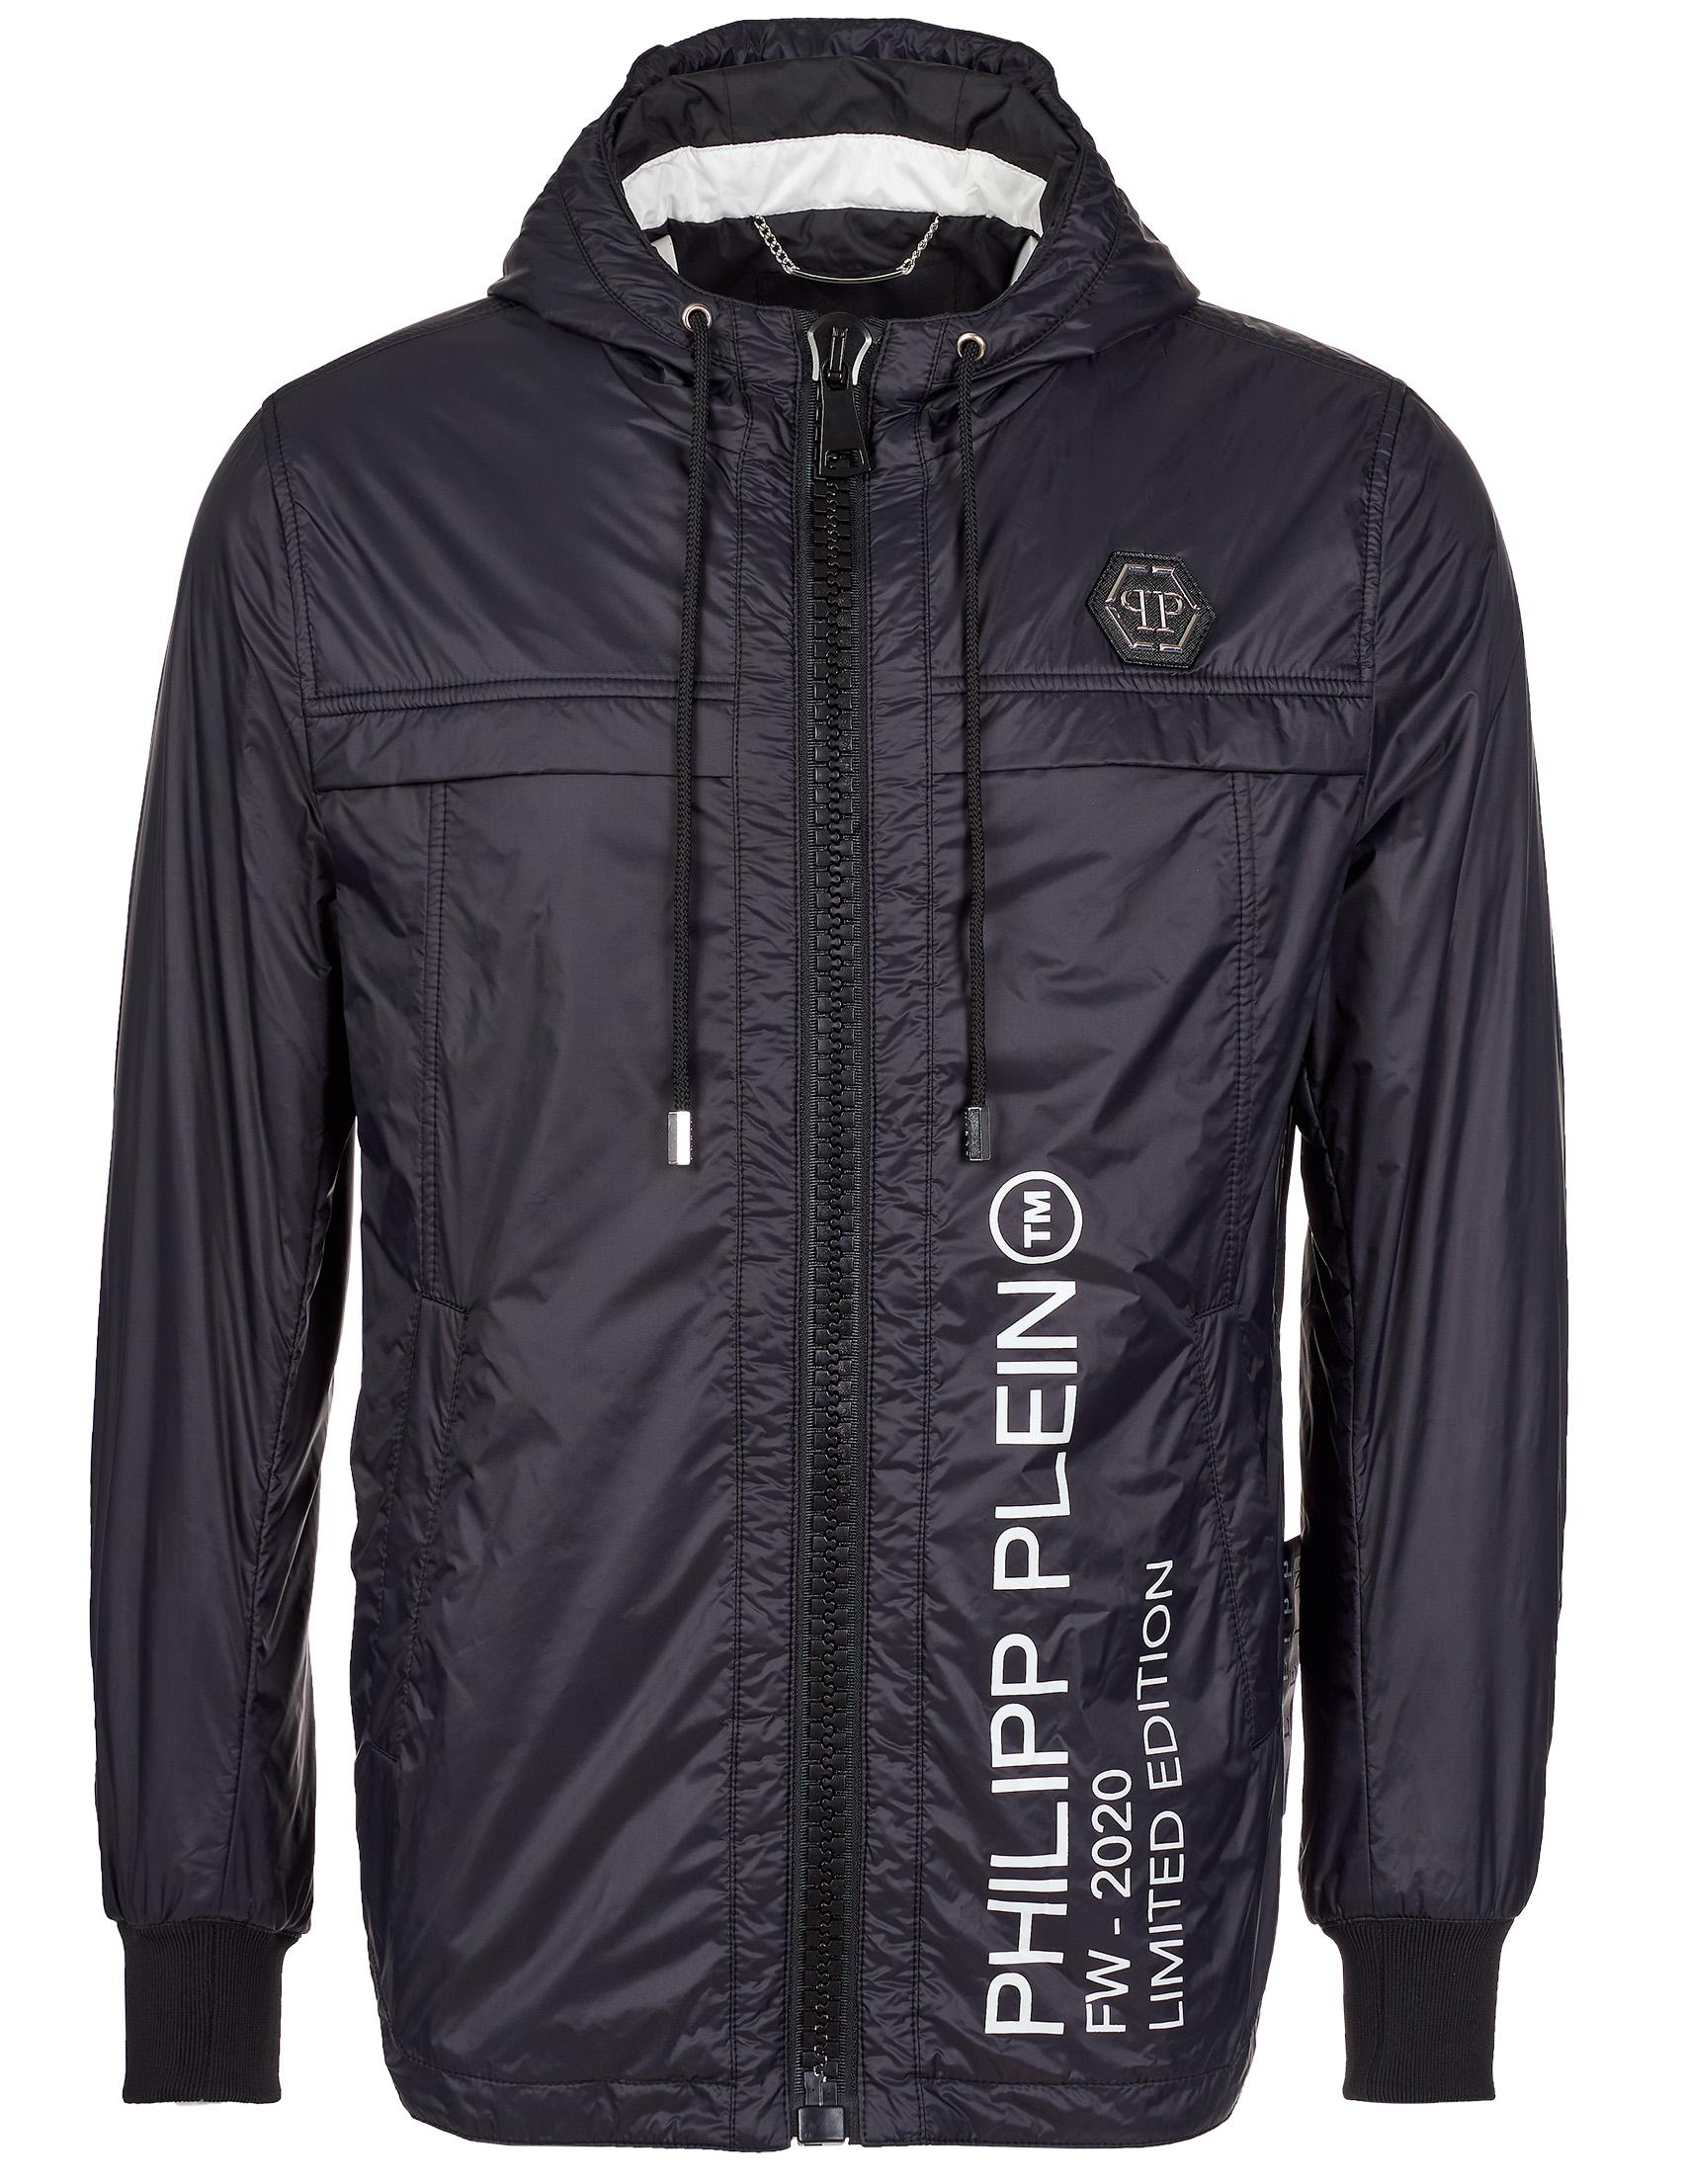 Купить Куртки, Куртка, PHILIPP PLEIN, Черный, 100%Полиэстер, Осень-Зима